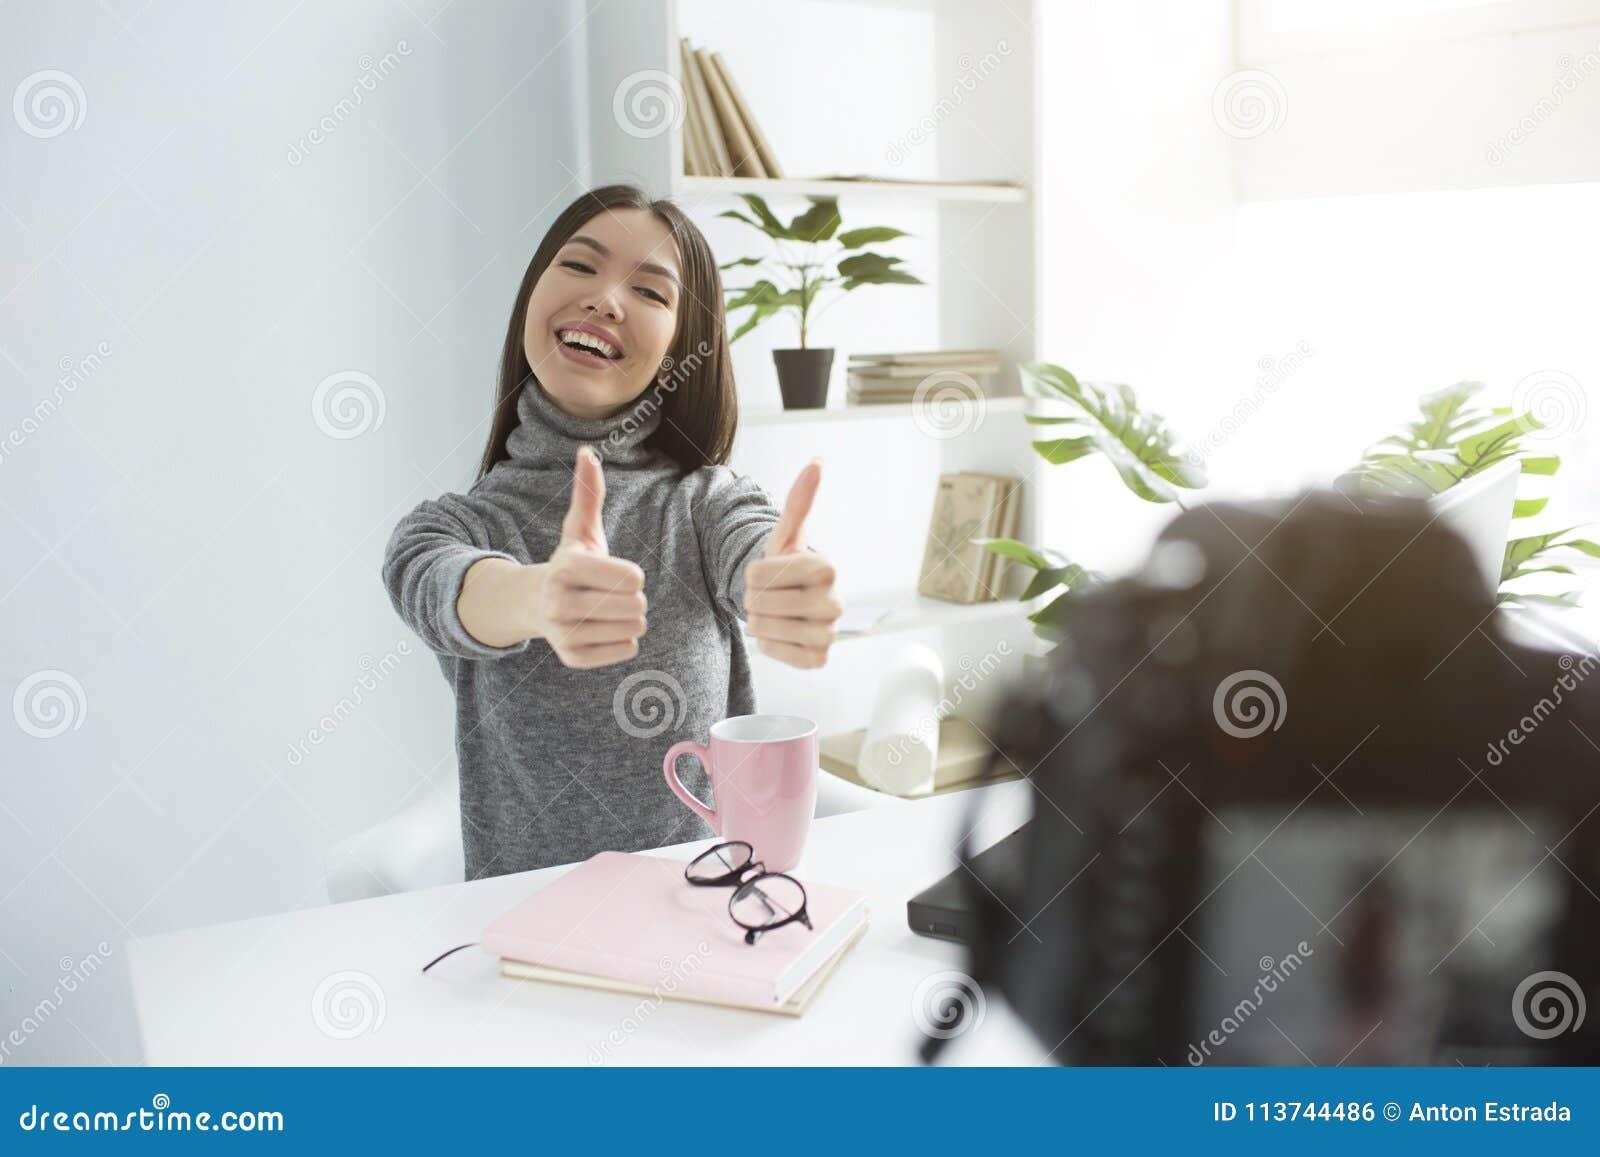 坐在桌上和记录她新的vlog的愉快和delightul女孩的图片 她显示她大赞许